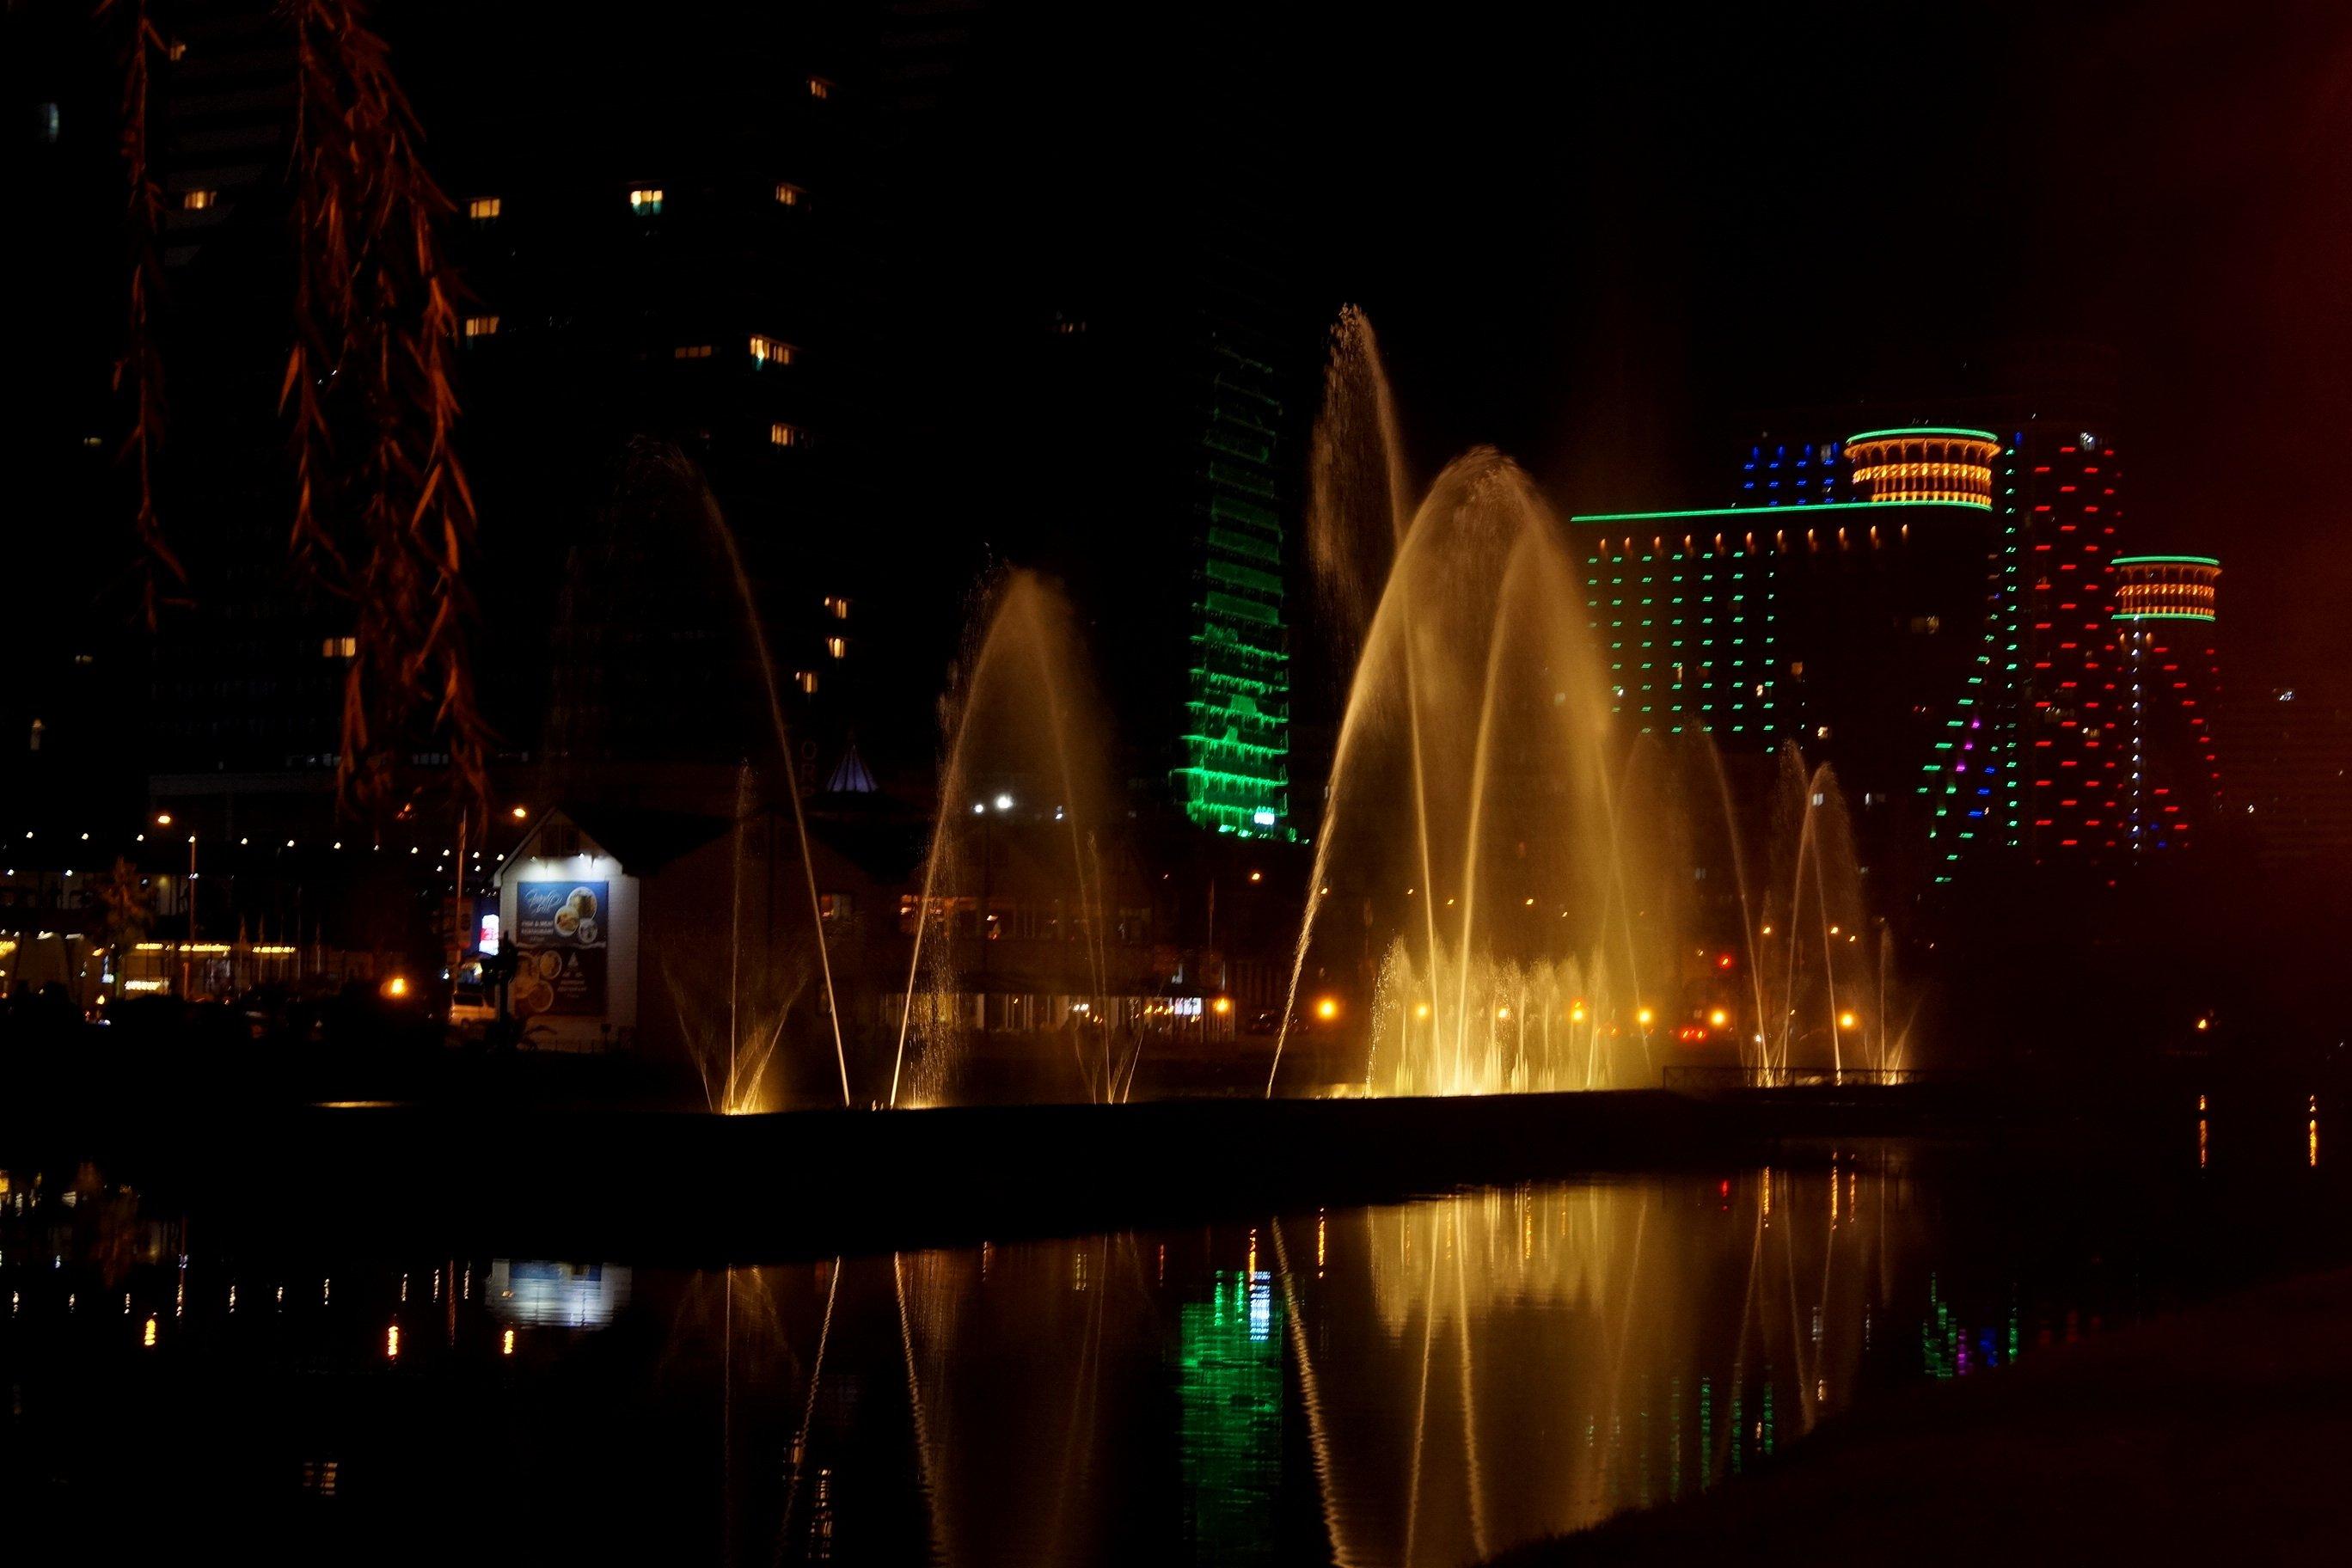 Танцующие фонтаны и немного вечернего Батуми (Заметки из солнечного отпуска. День 8)